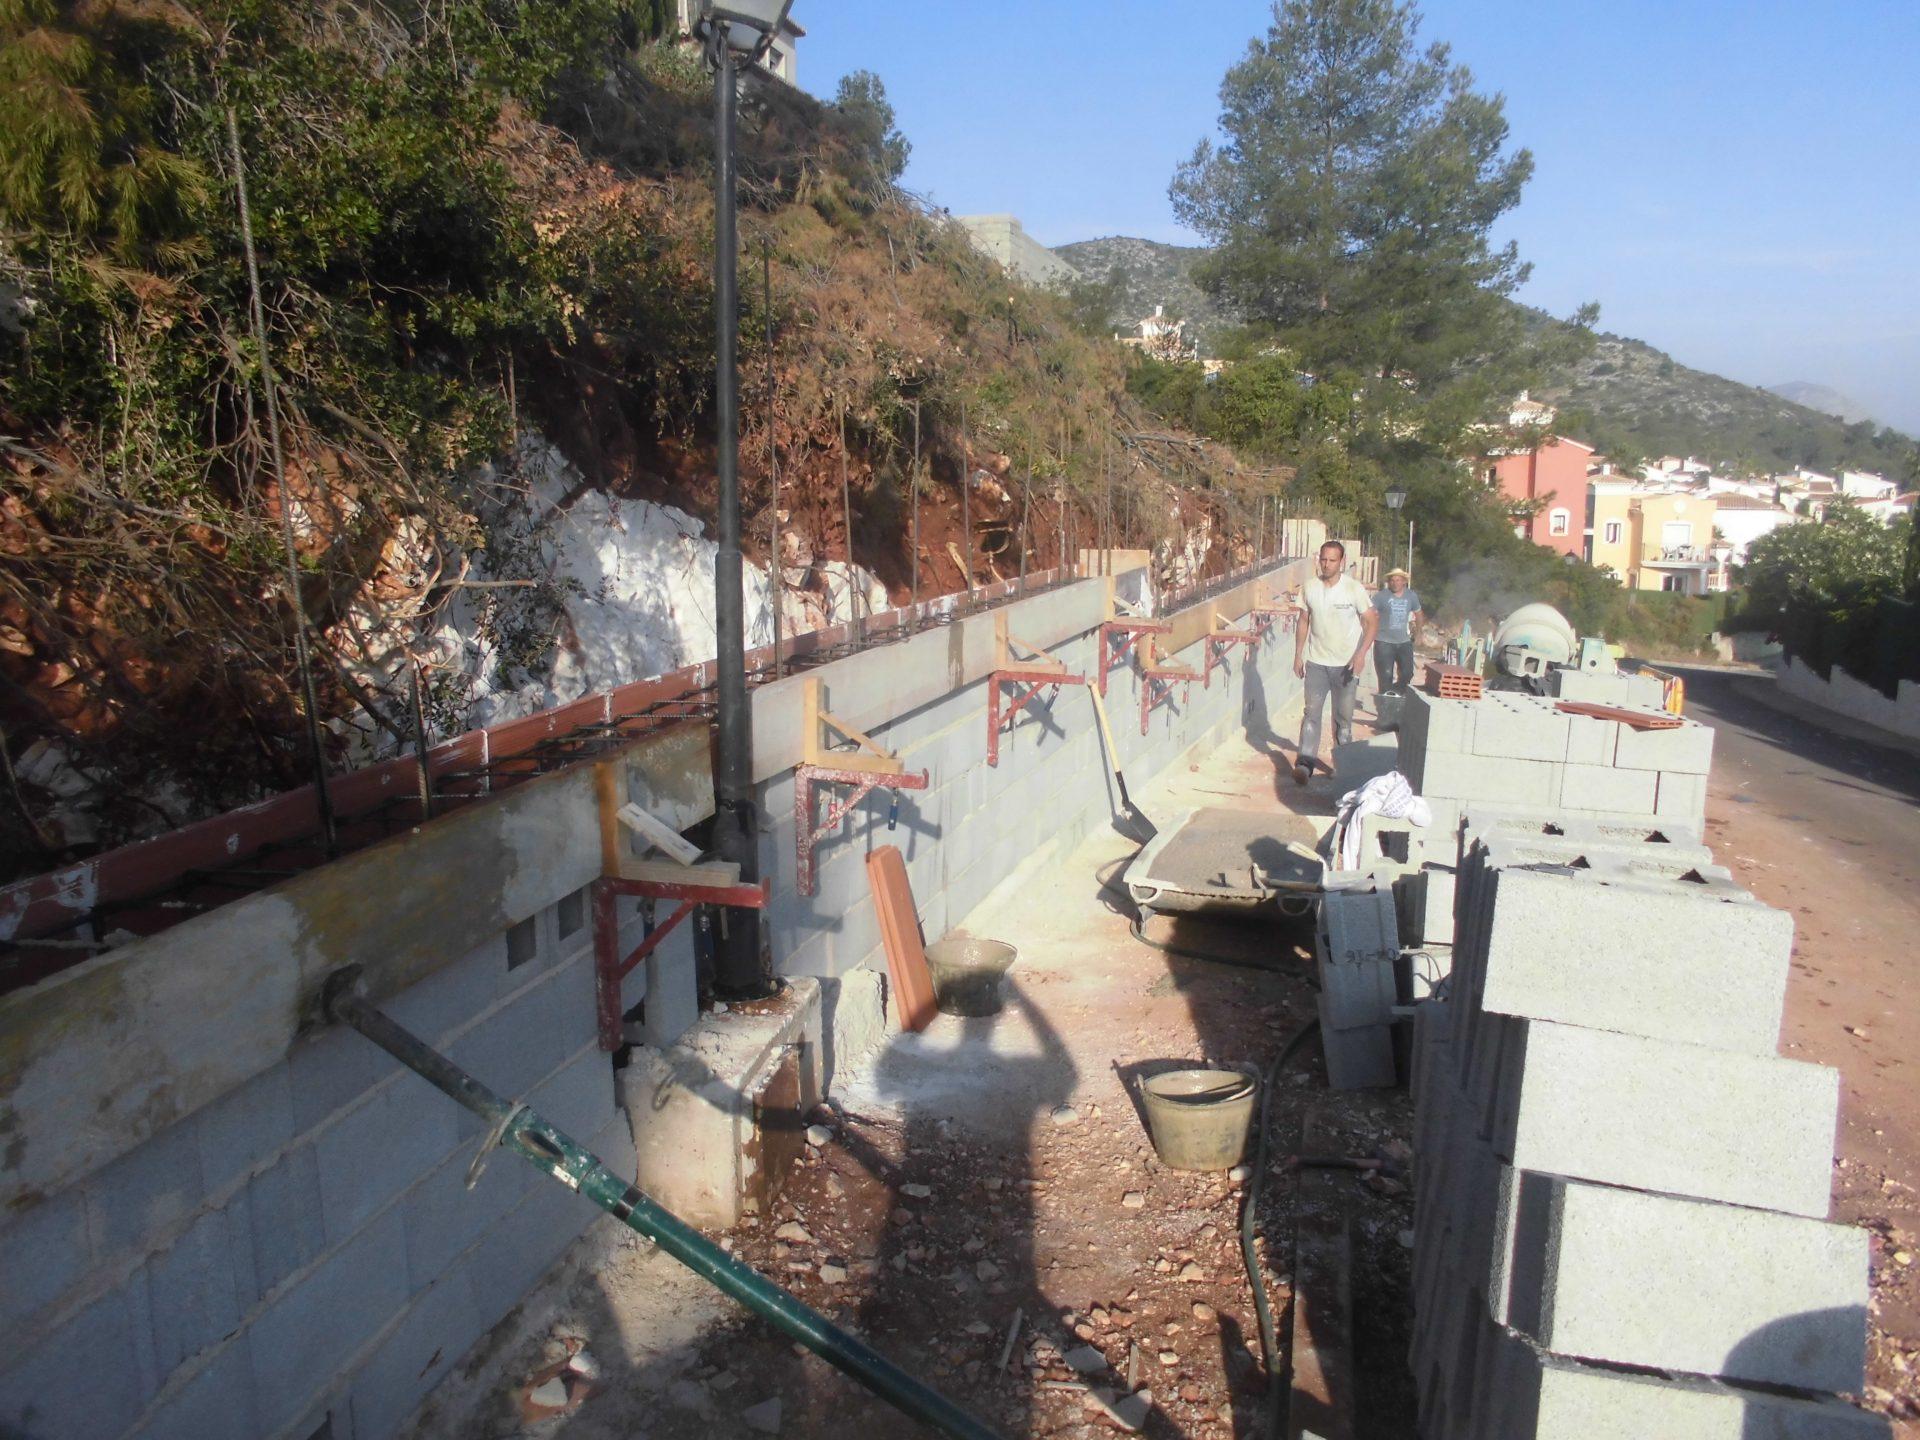 Muro de contención a un chalé en montaña > CIMG0550